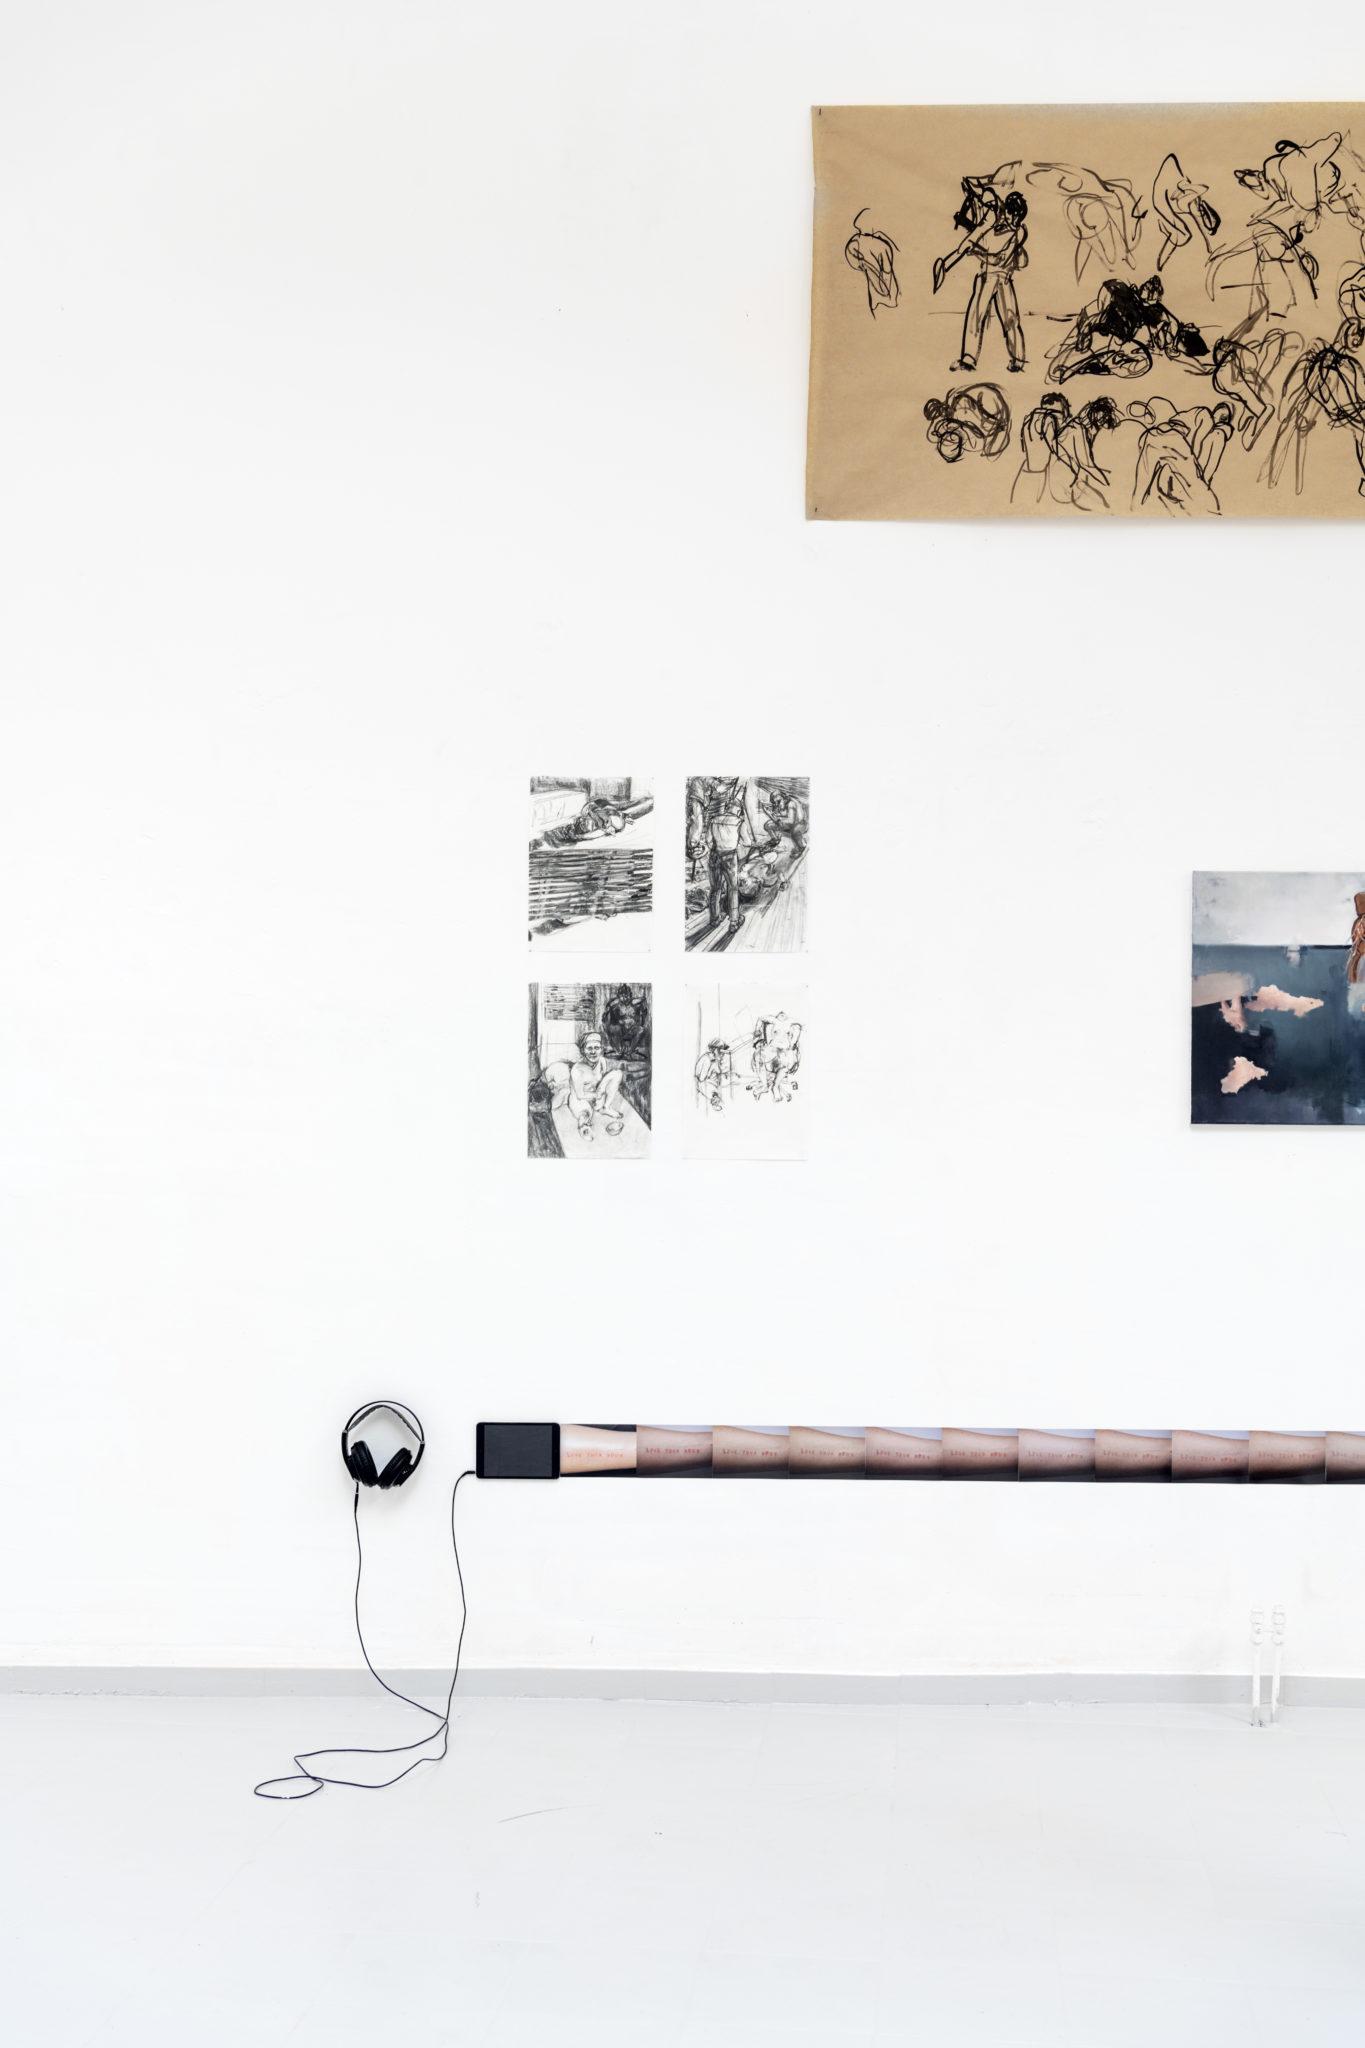 Franziska_Koch_Contact_Improvisation_Tusche_auf_Papier_100x240_2020_ohne_Titel_Kohle_auf_Papier_42x 30_2019_